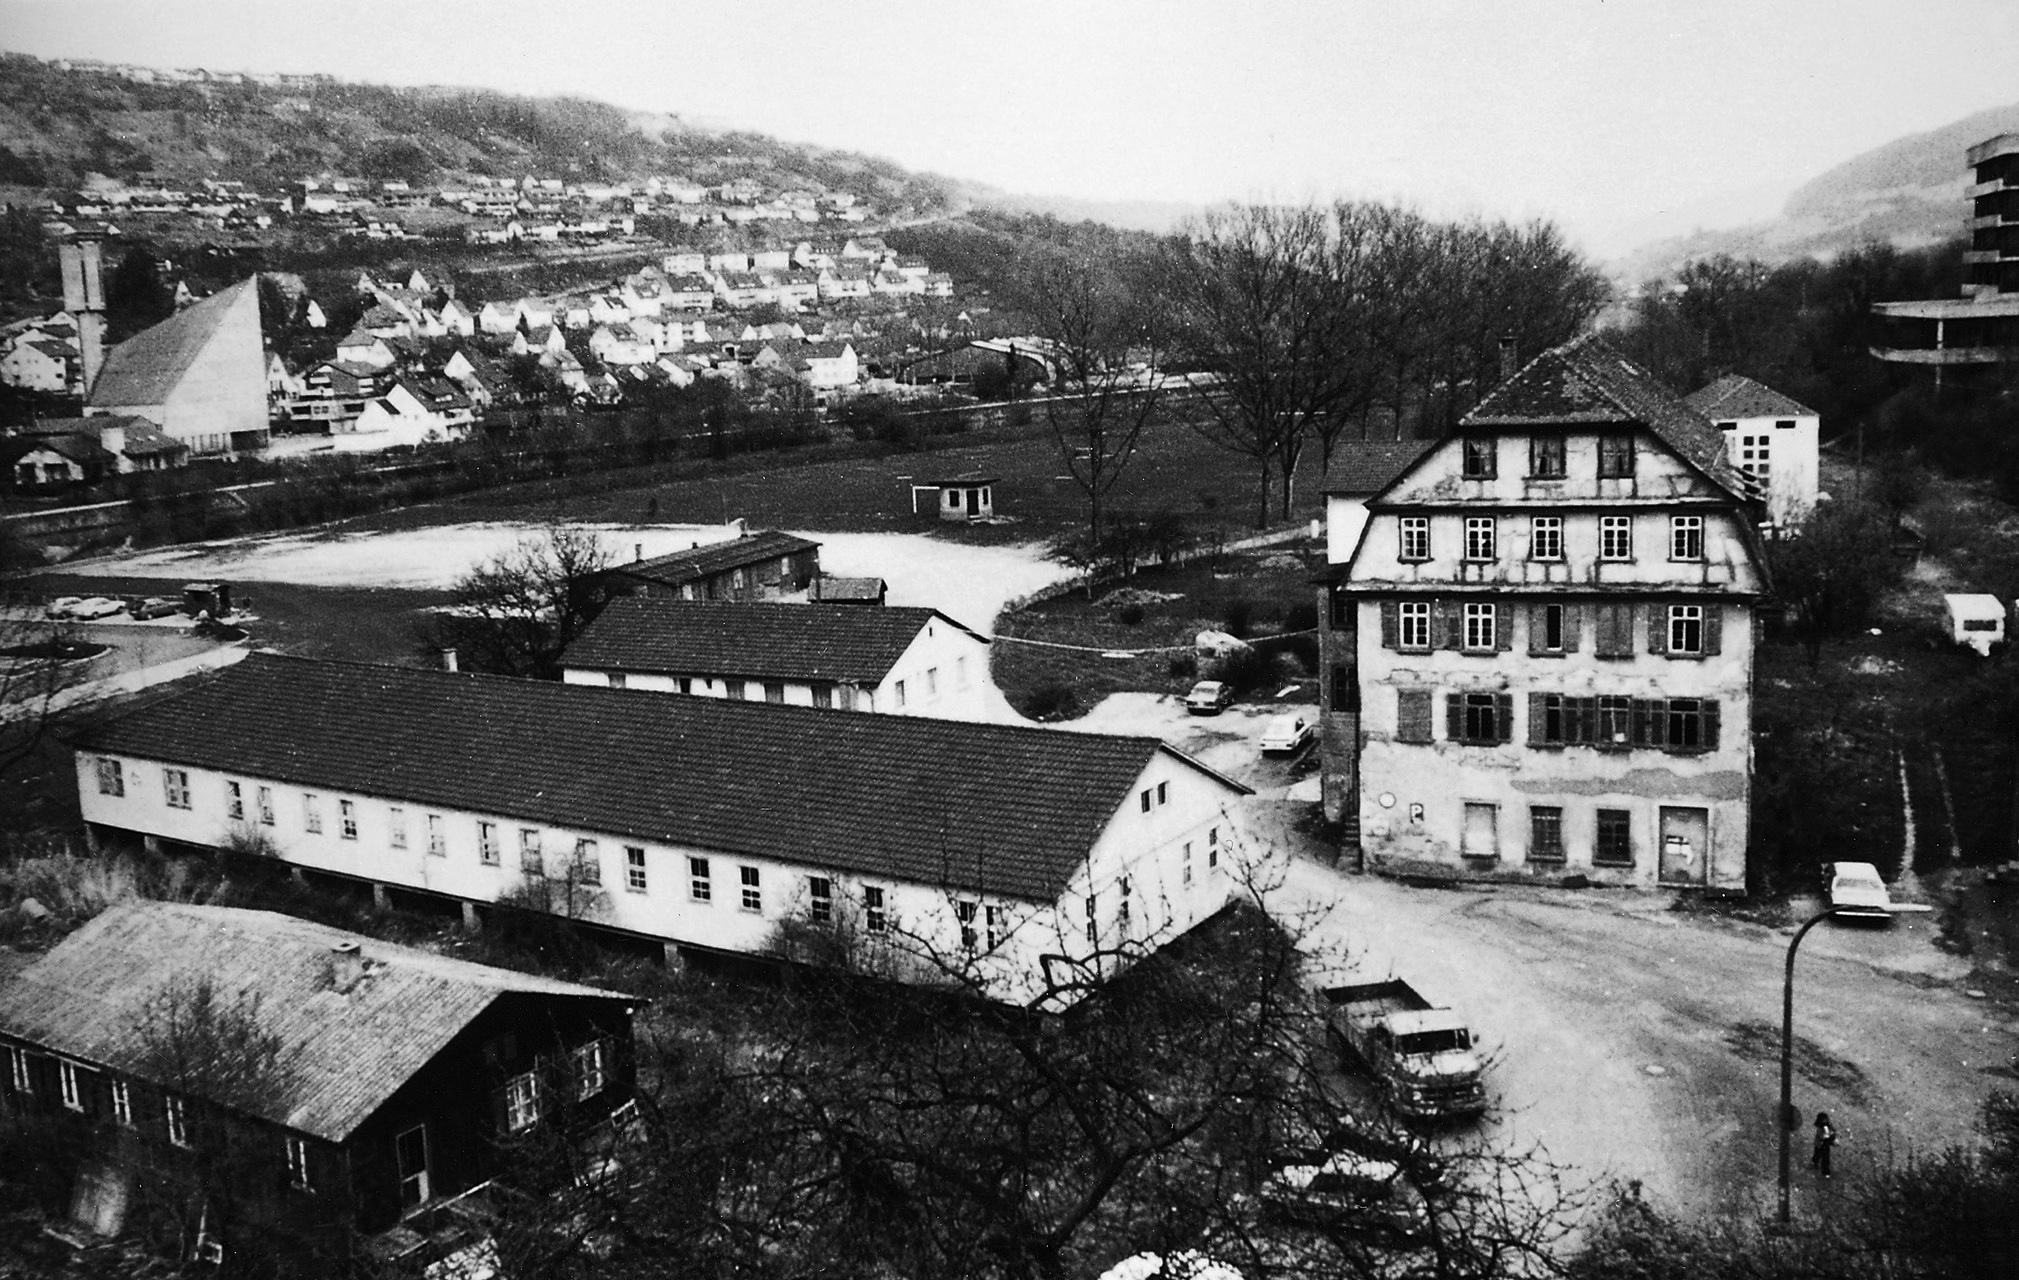 1945 - Veduta della Schlossmühle di Künzelsau e degli edifici annessi. In un capannone ormai demolito giaceva la culla del Gruppo Würth.